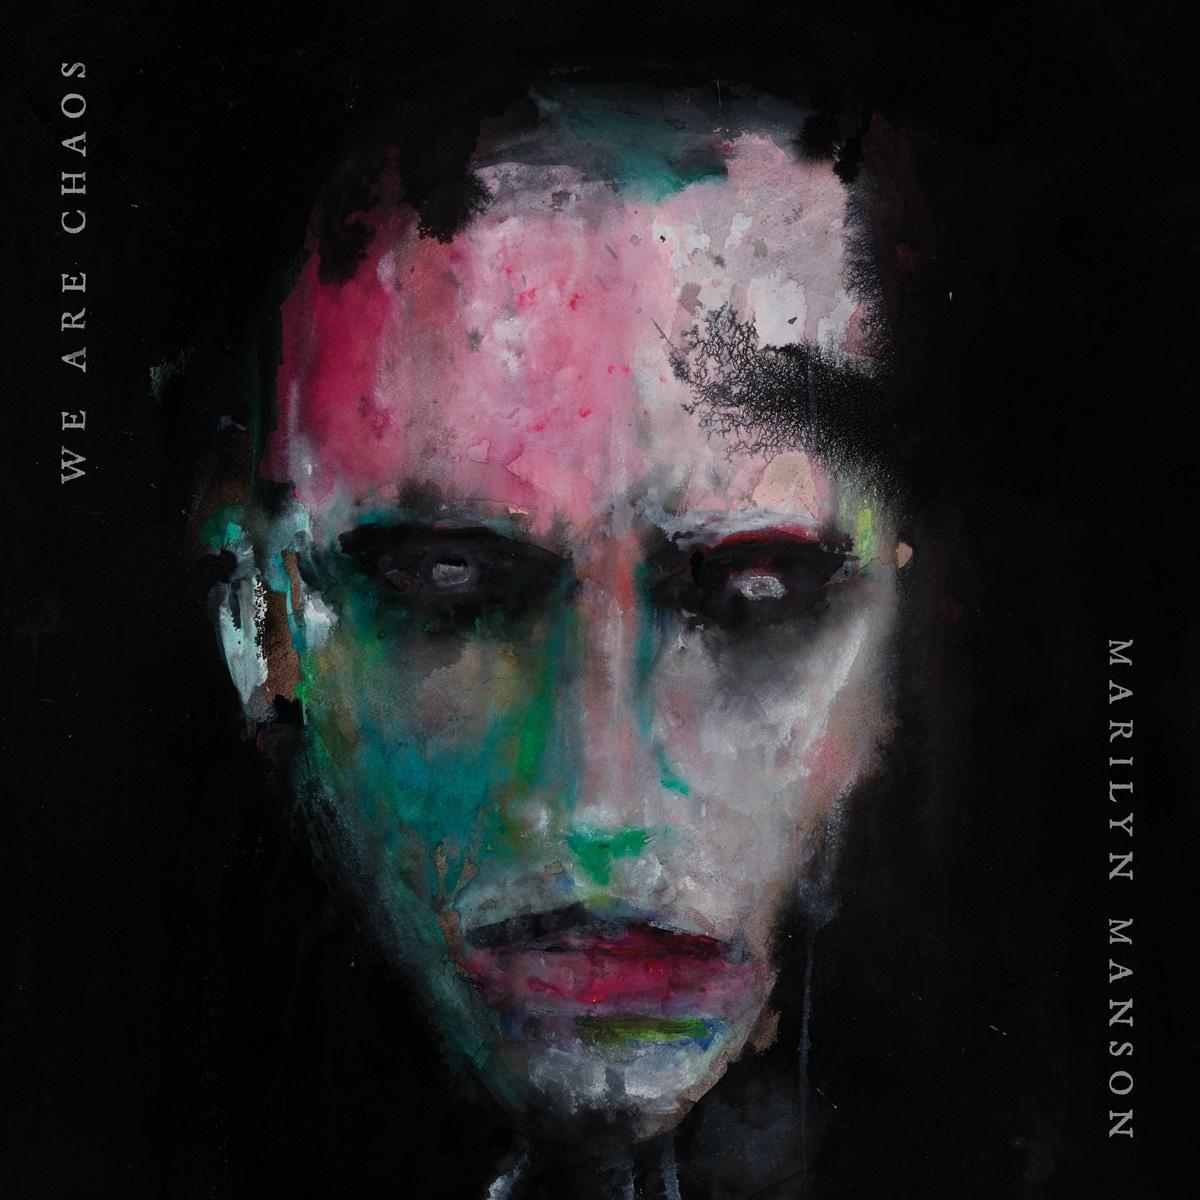 deutsche-albumcharts:-mit-marilyn-manson,-eskimo-callboy,-neal-morse